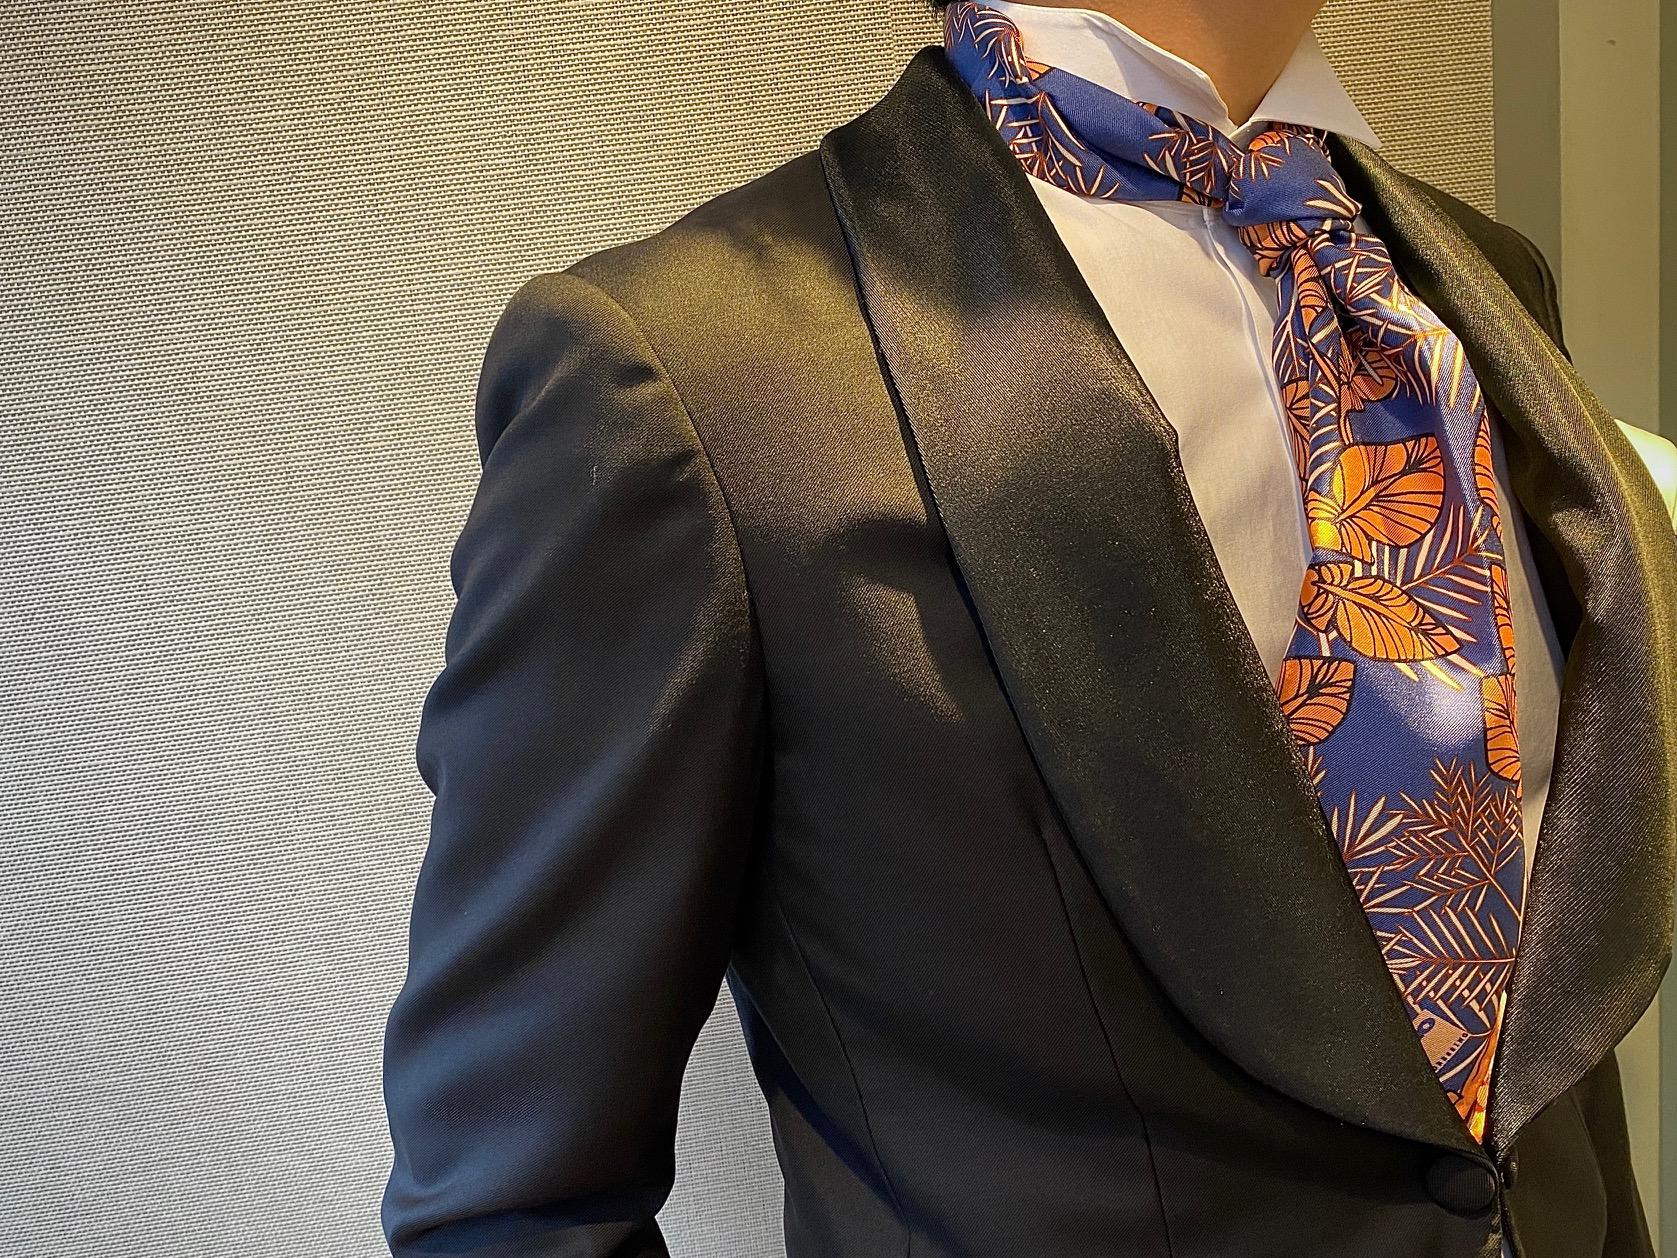 フォーチュンガーデン京都でお式を挙げられる方におすすめしたいオーセンチィックなタキシードにブルーの色味が鮮やかなボタニカル柄のストールをネクタイ調にアレンジしたスタイル